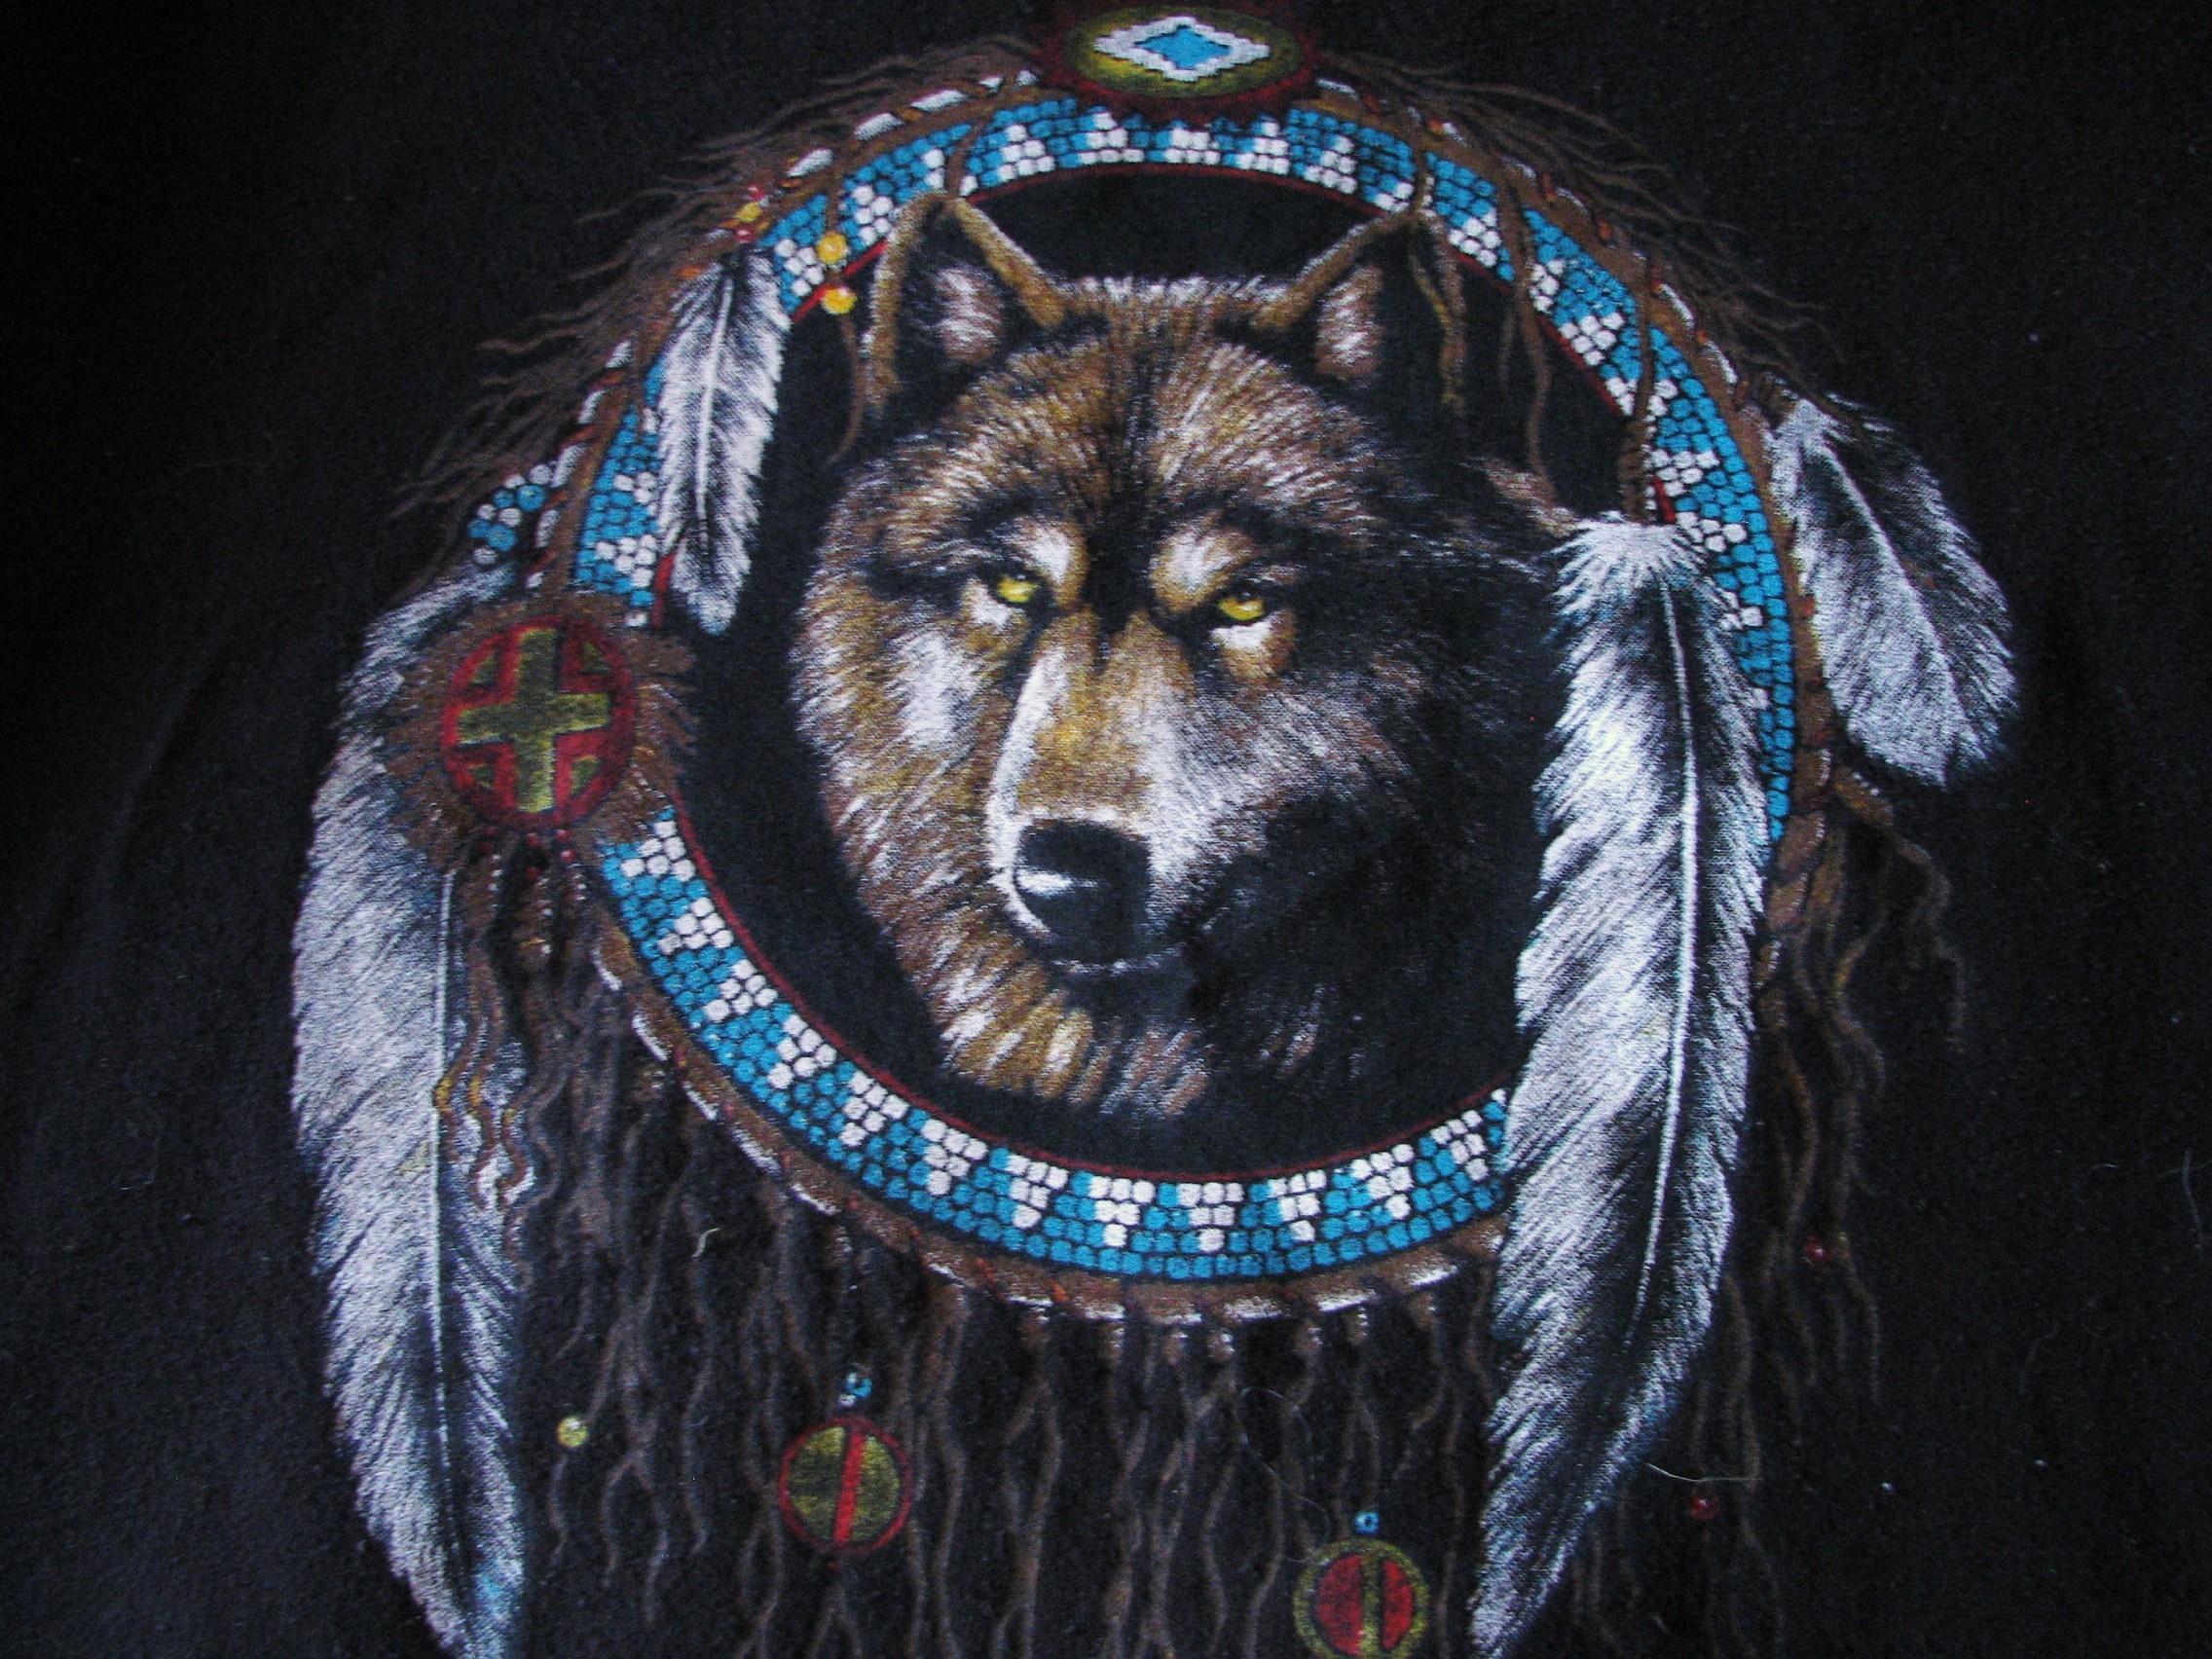 dreamcatcher native wolf spirit wallpaper - photo #16